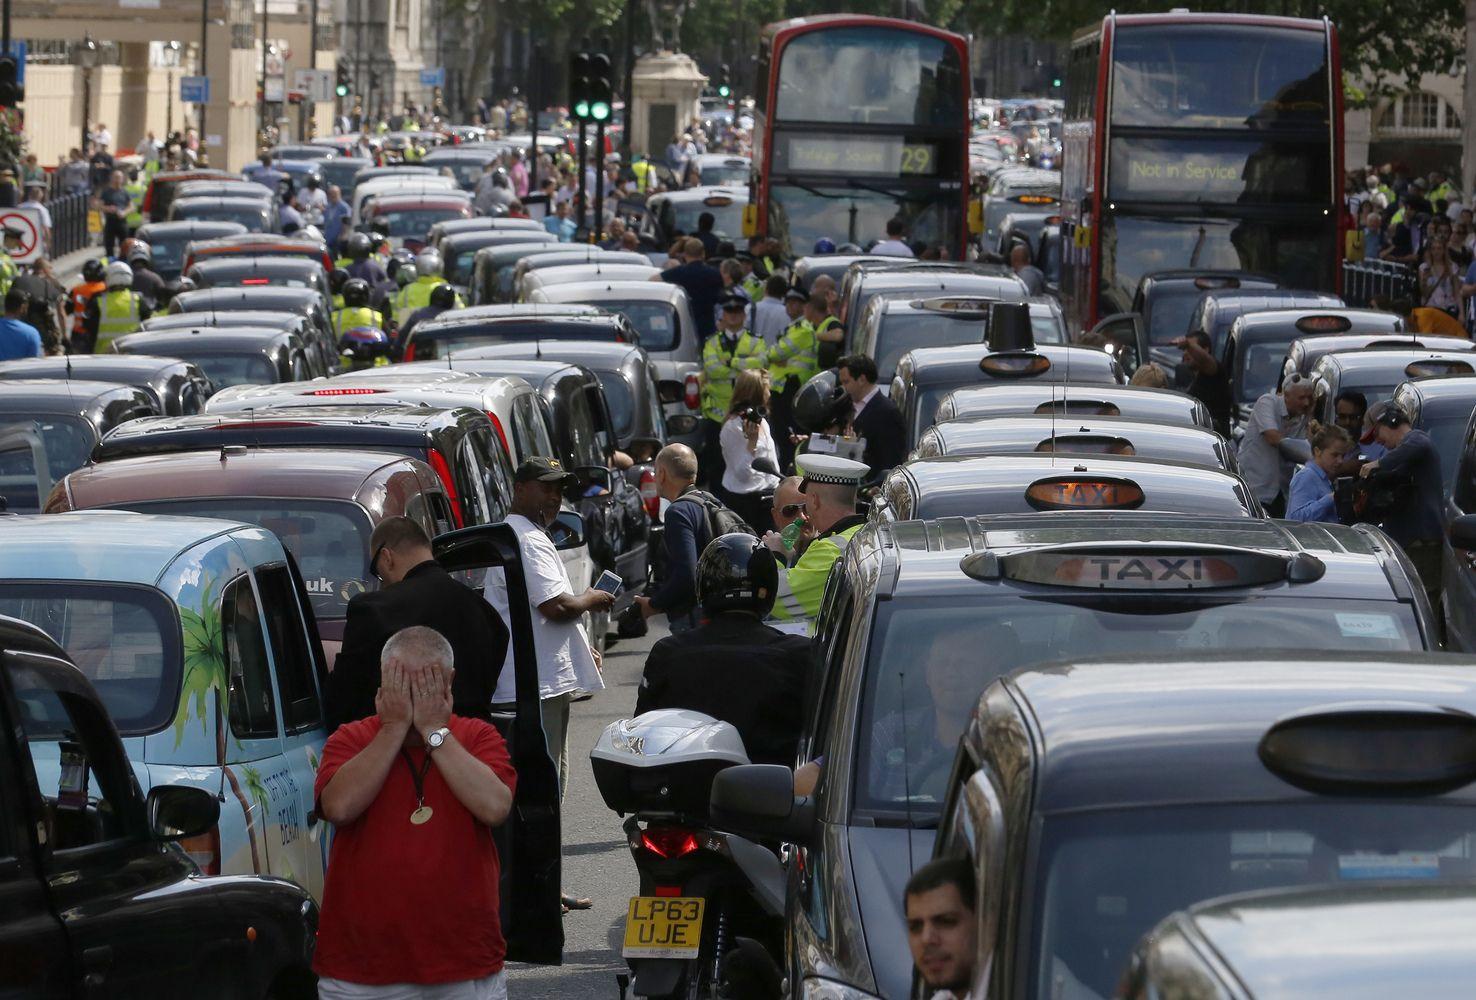 Britainumatė draudimą prekiauti benzininiais ir dyzeliniais automobiliais